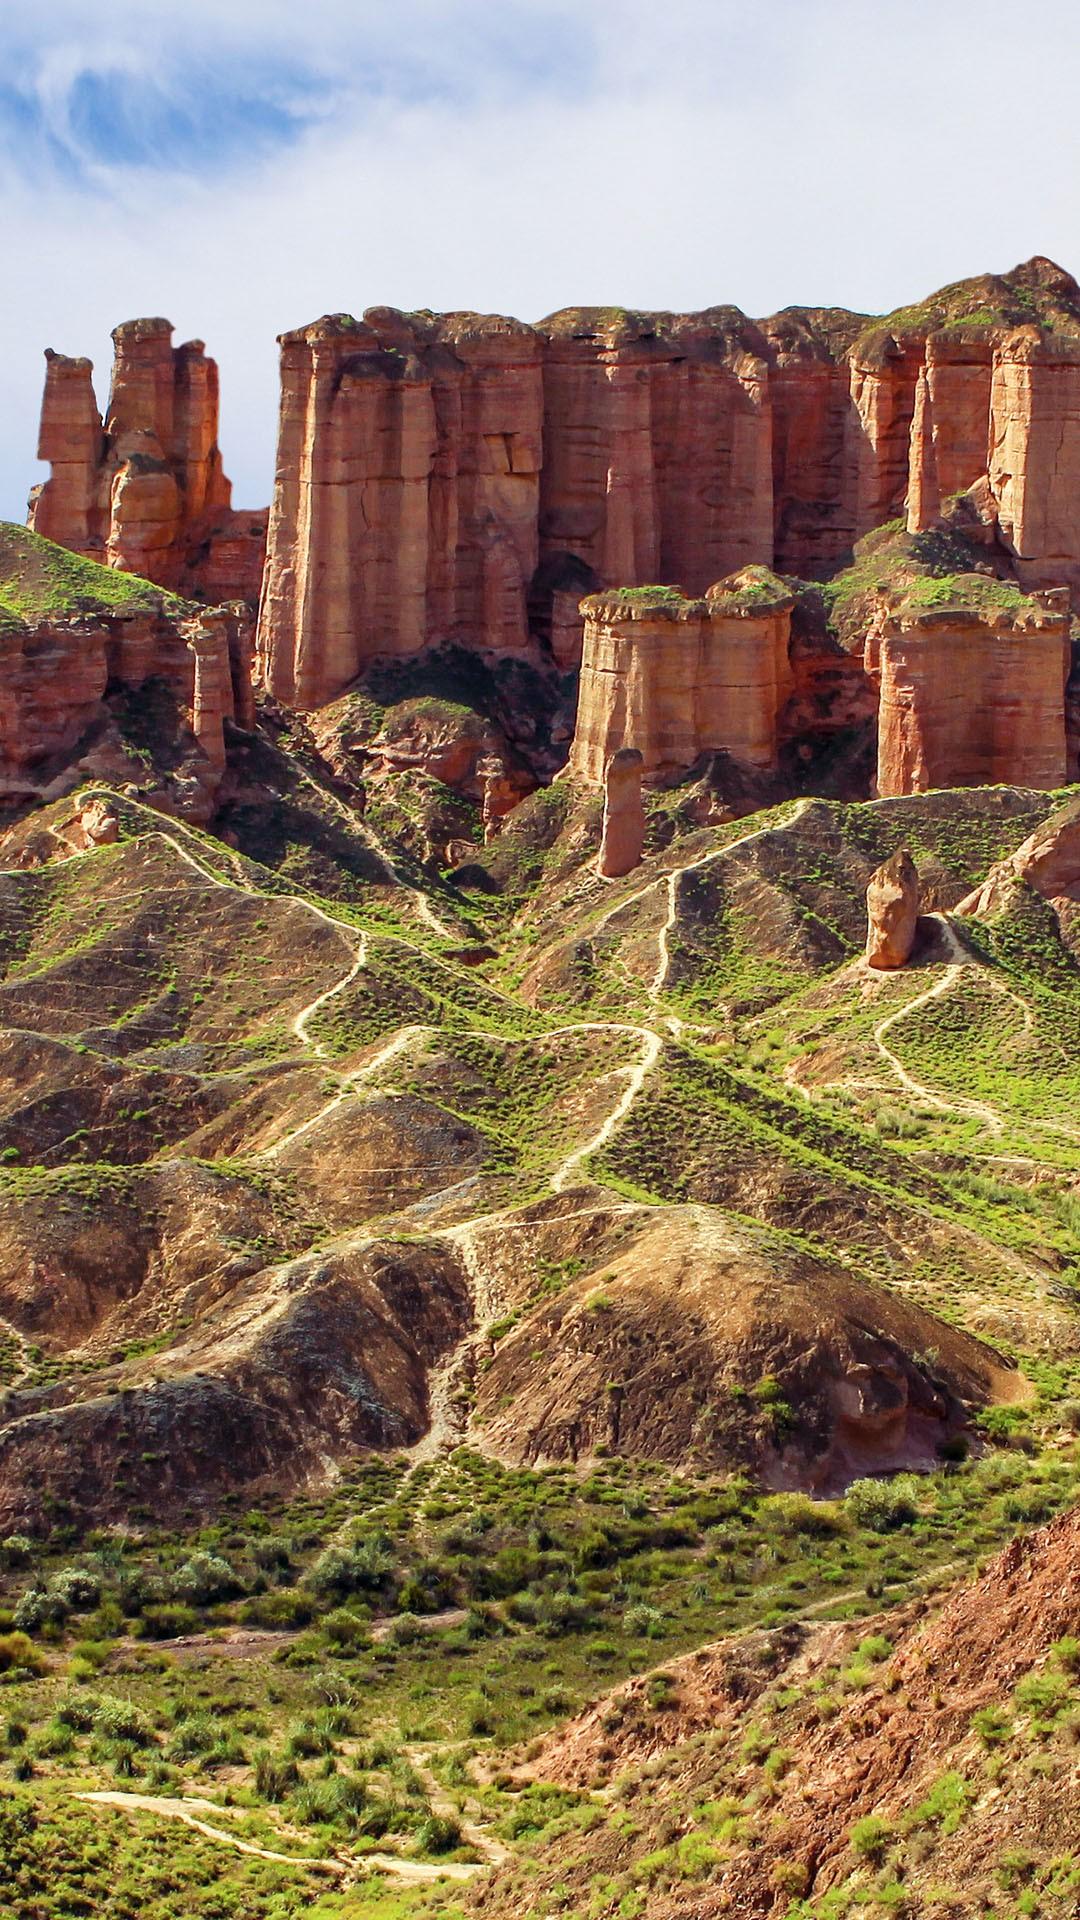 Zhangye Danxia Landform